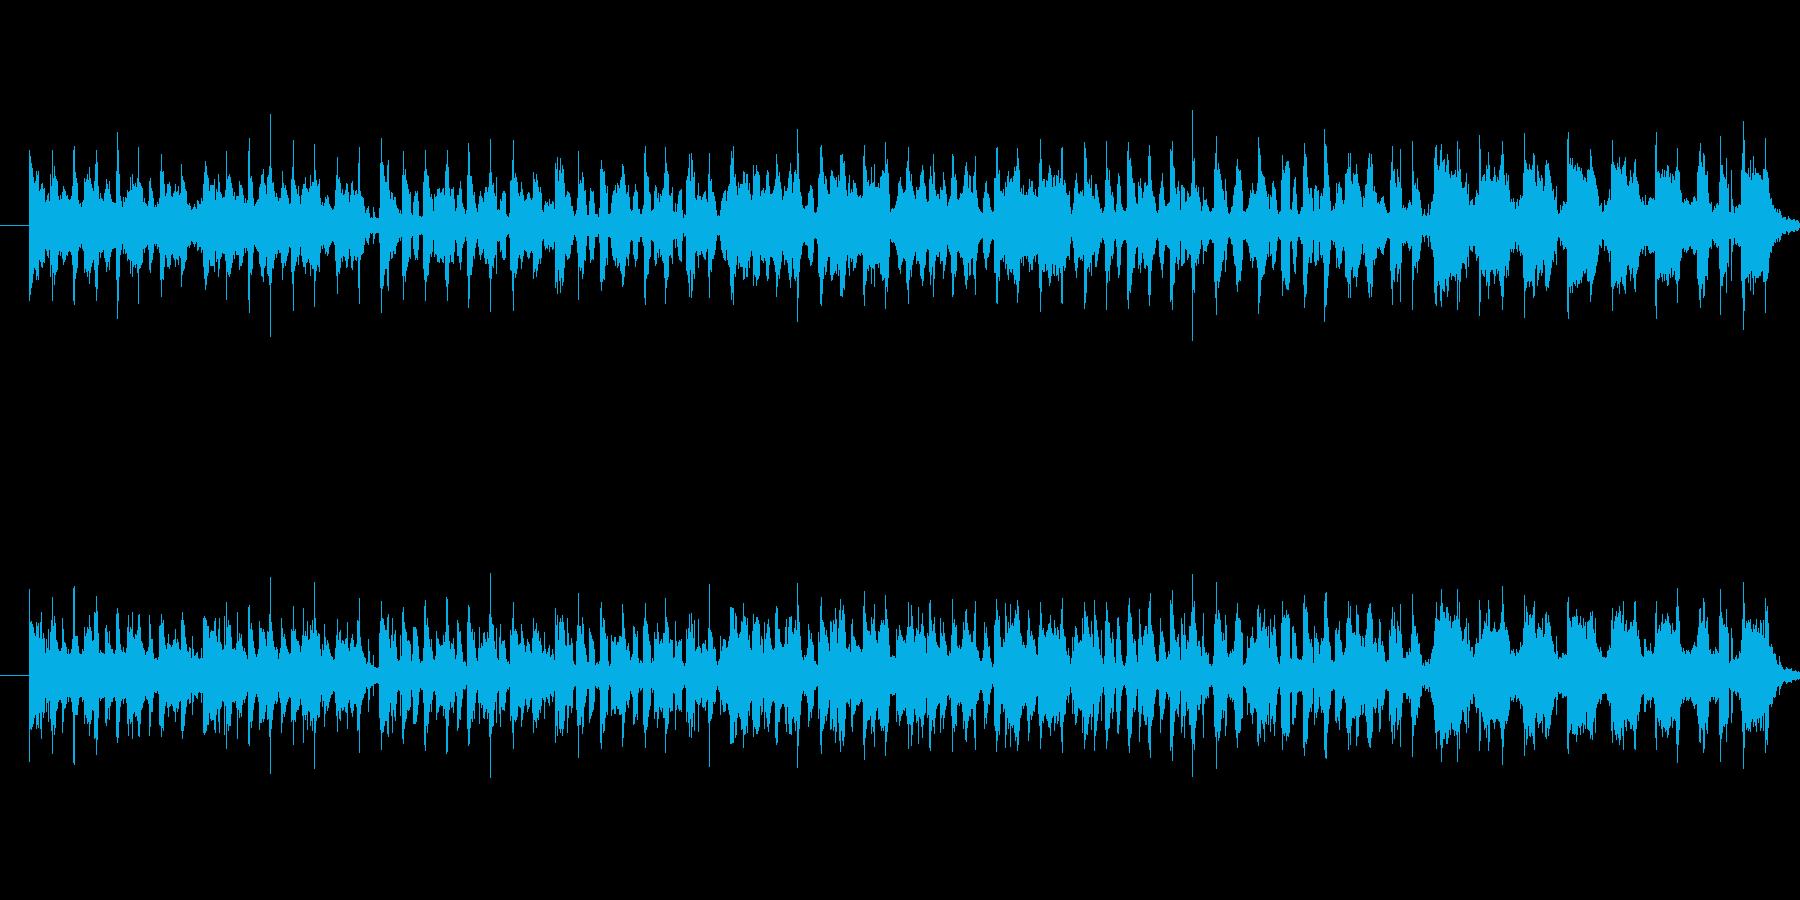 ゲームやアニメ、映画での使用を想定して…の再生済みの波形